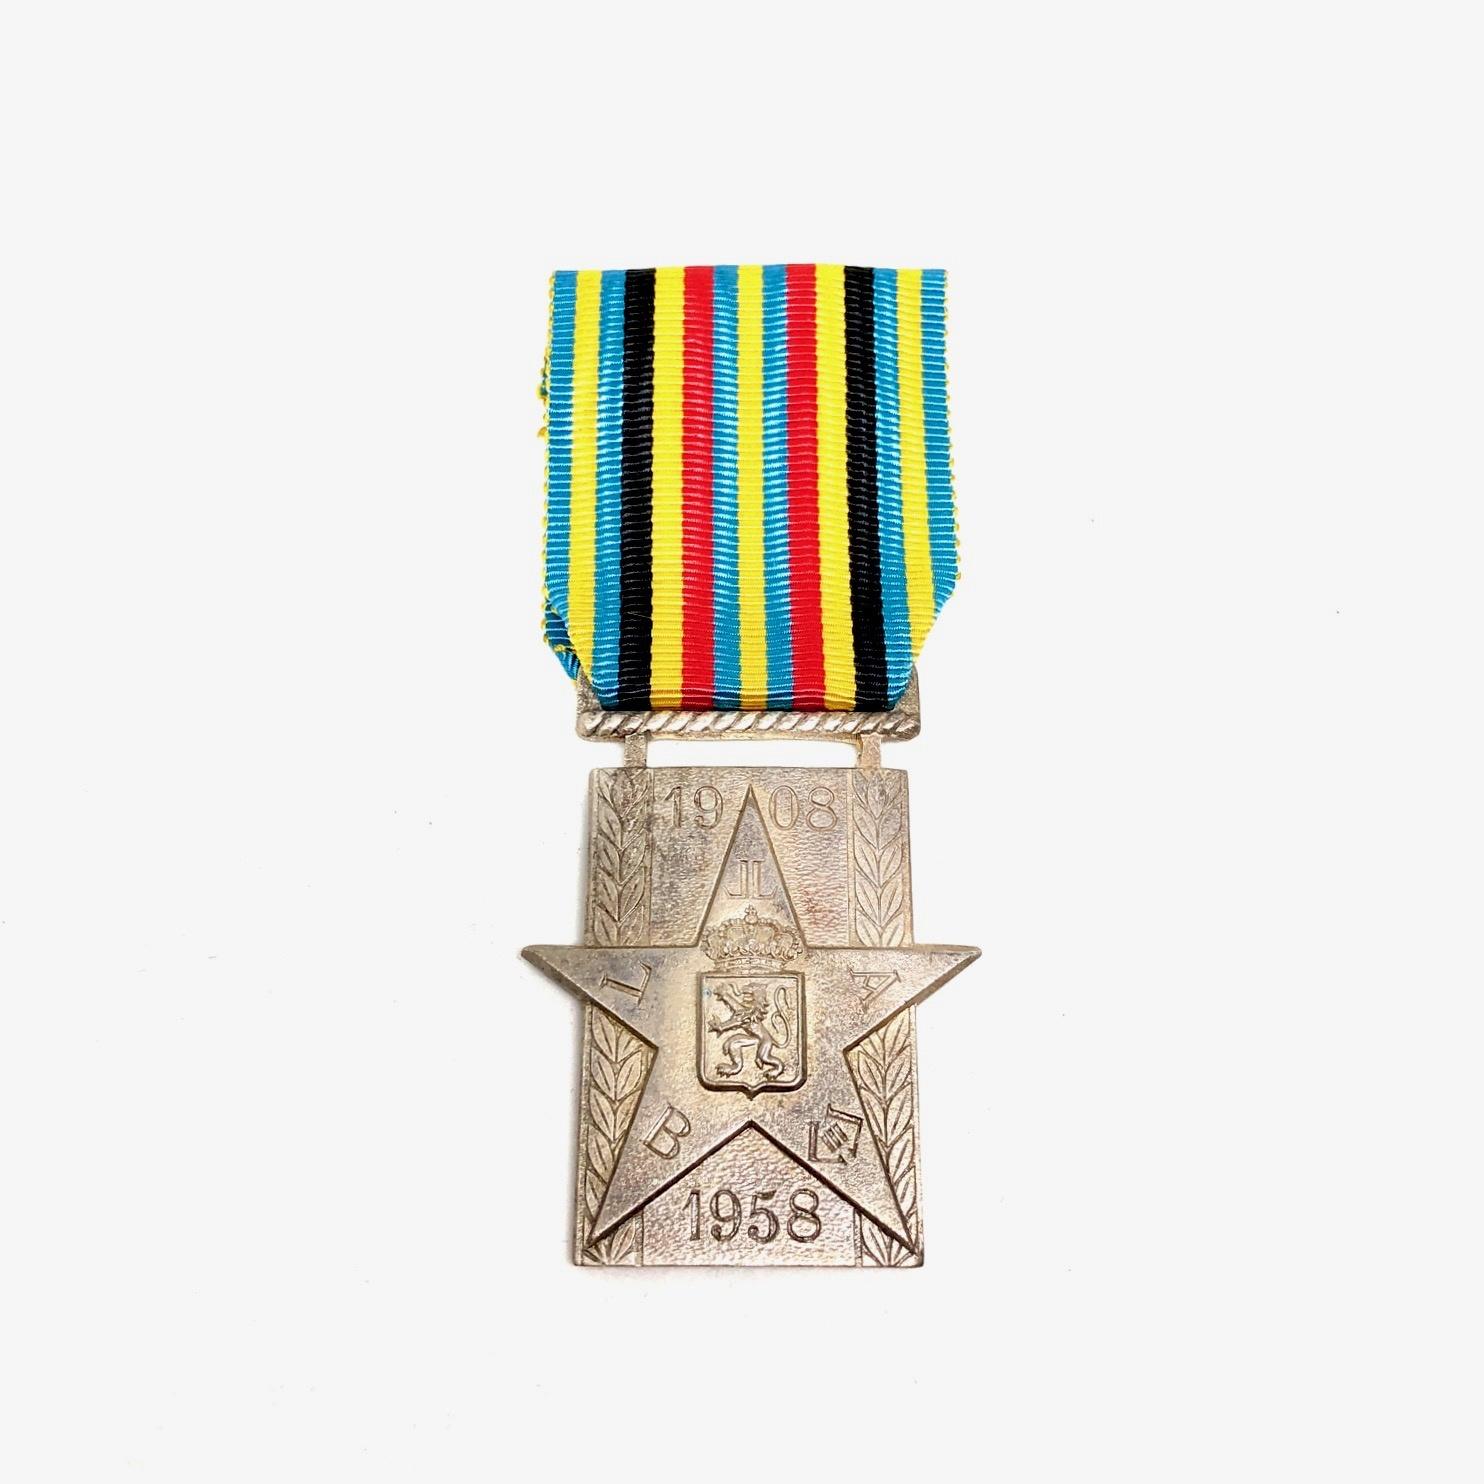 Medaille van de Vijftigste Verjaardag van Belgisch Congo